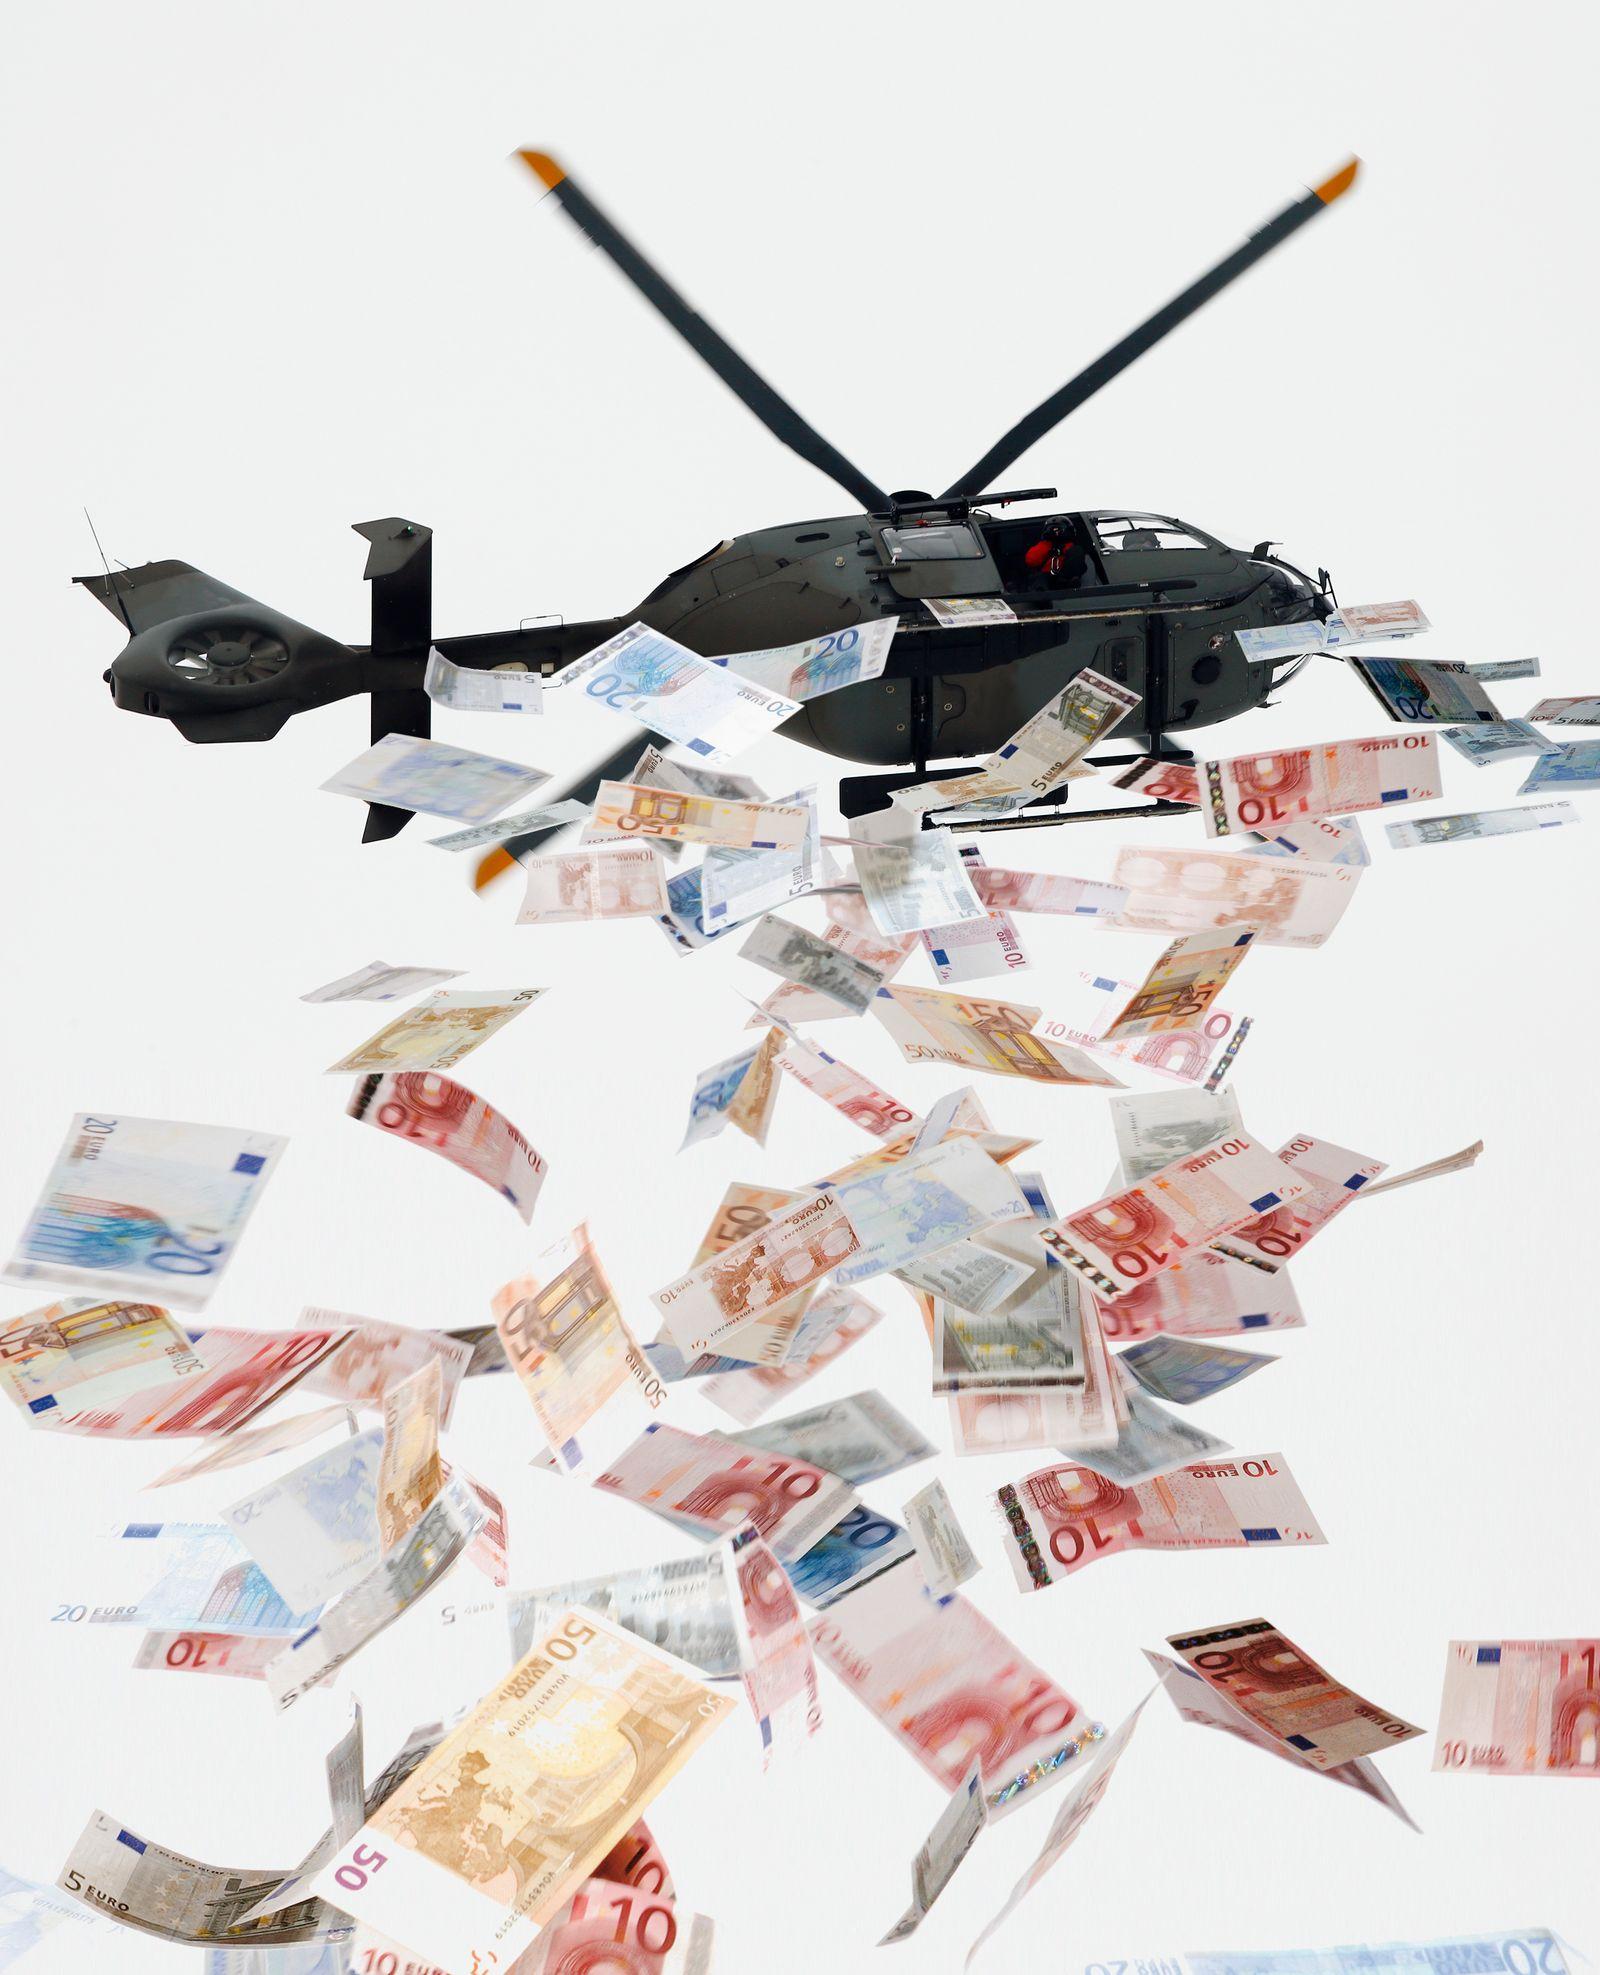 NICHT MEHR VERWENDEN! - Helicoptergeld